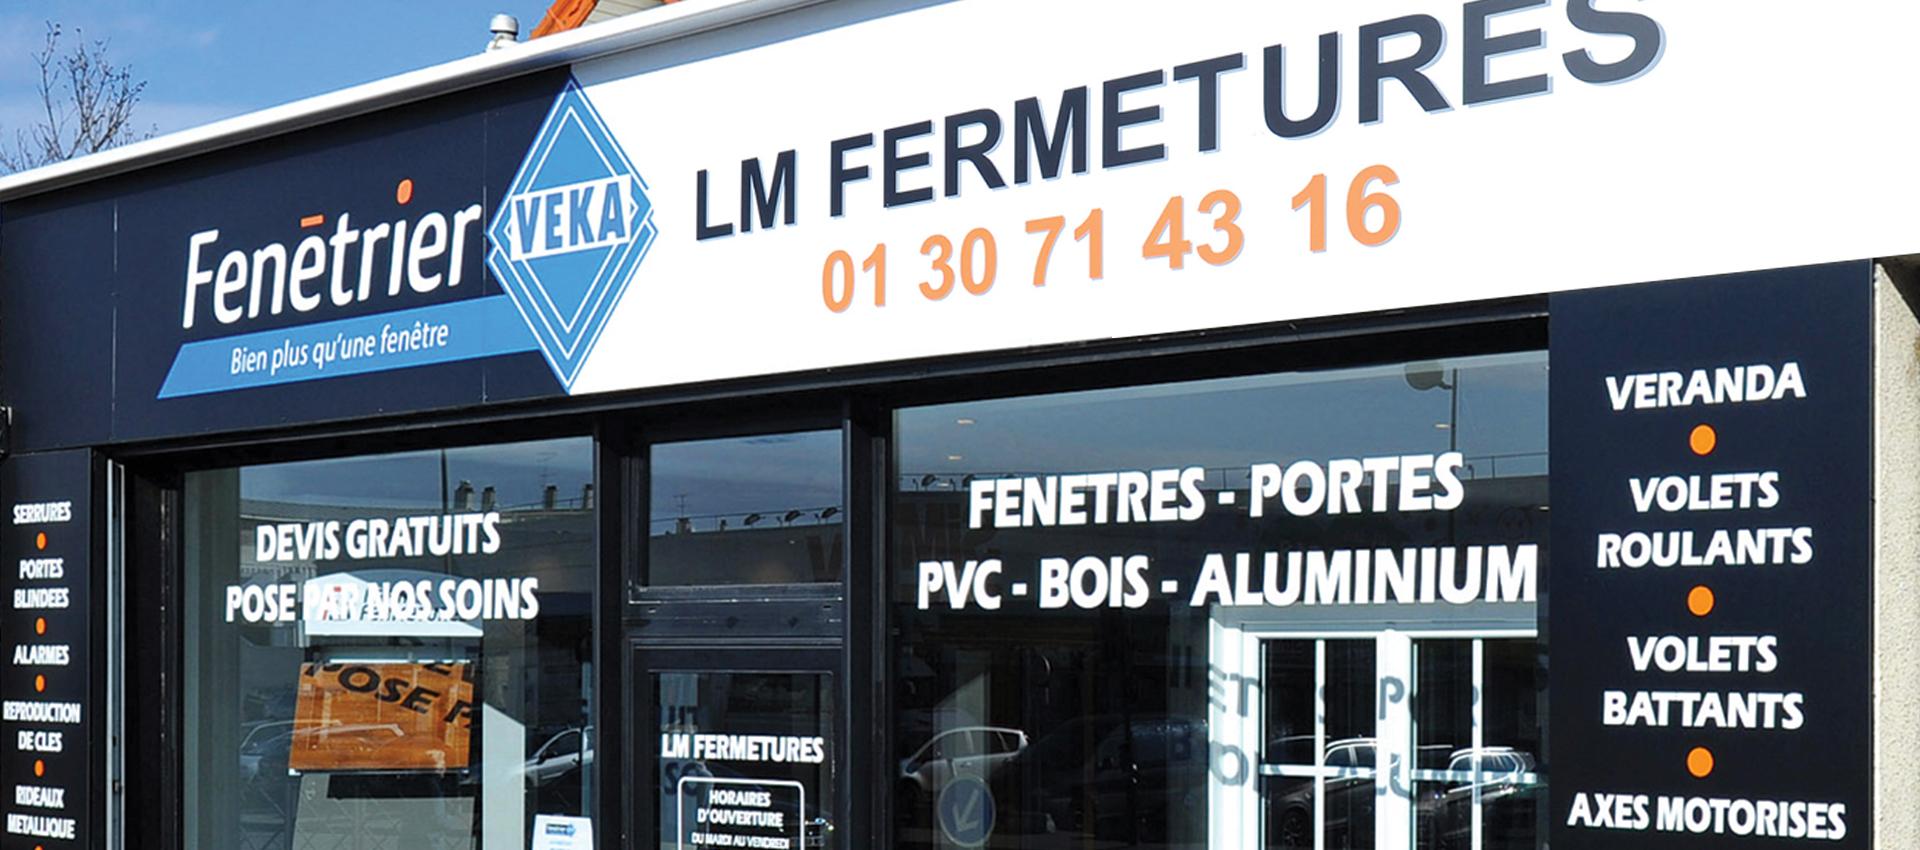 LM Fermetures sartrouville